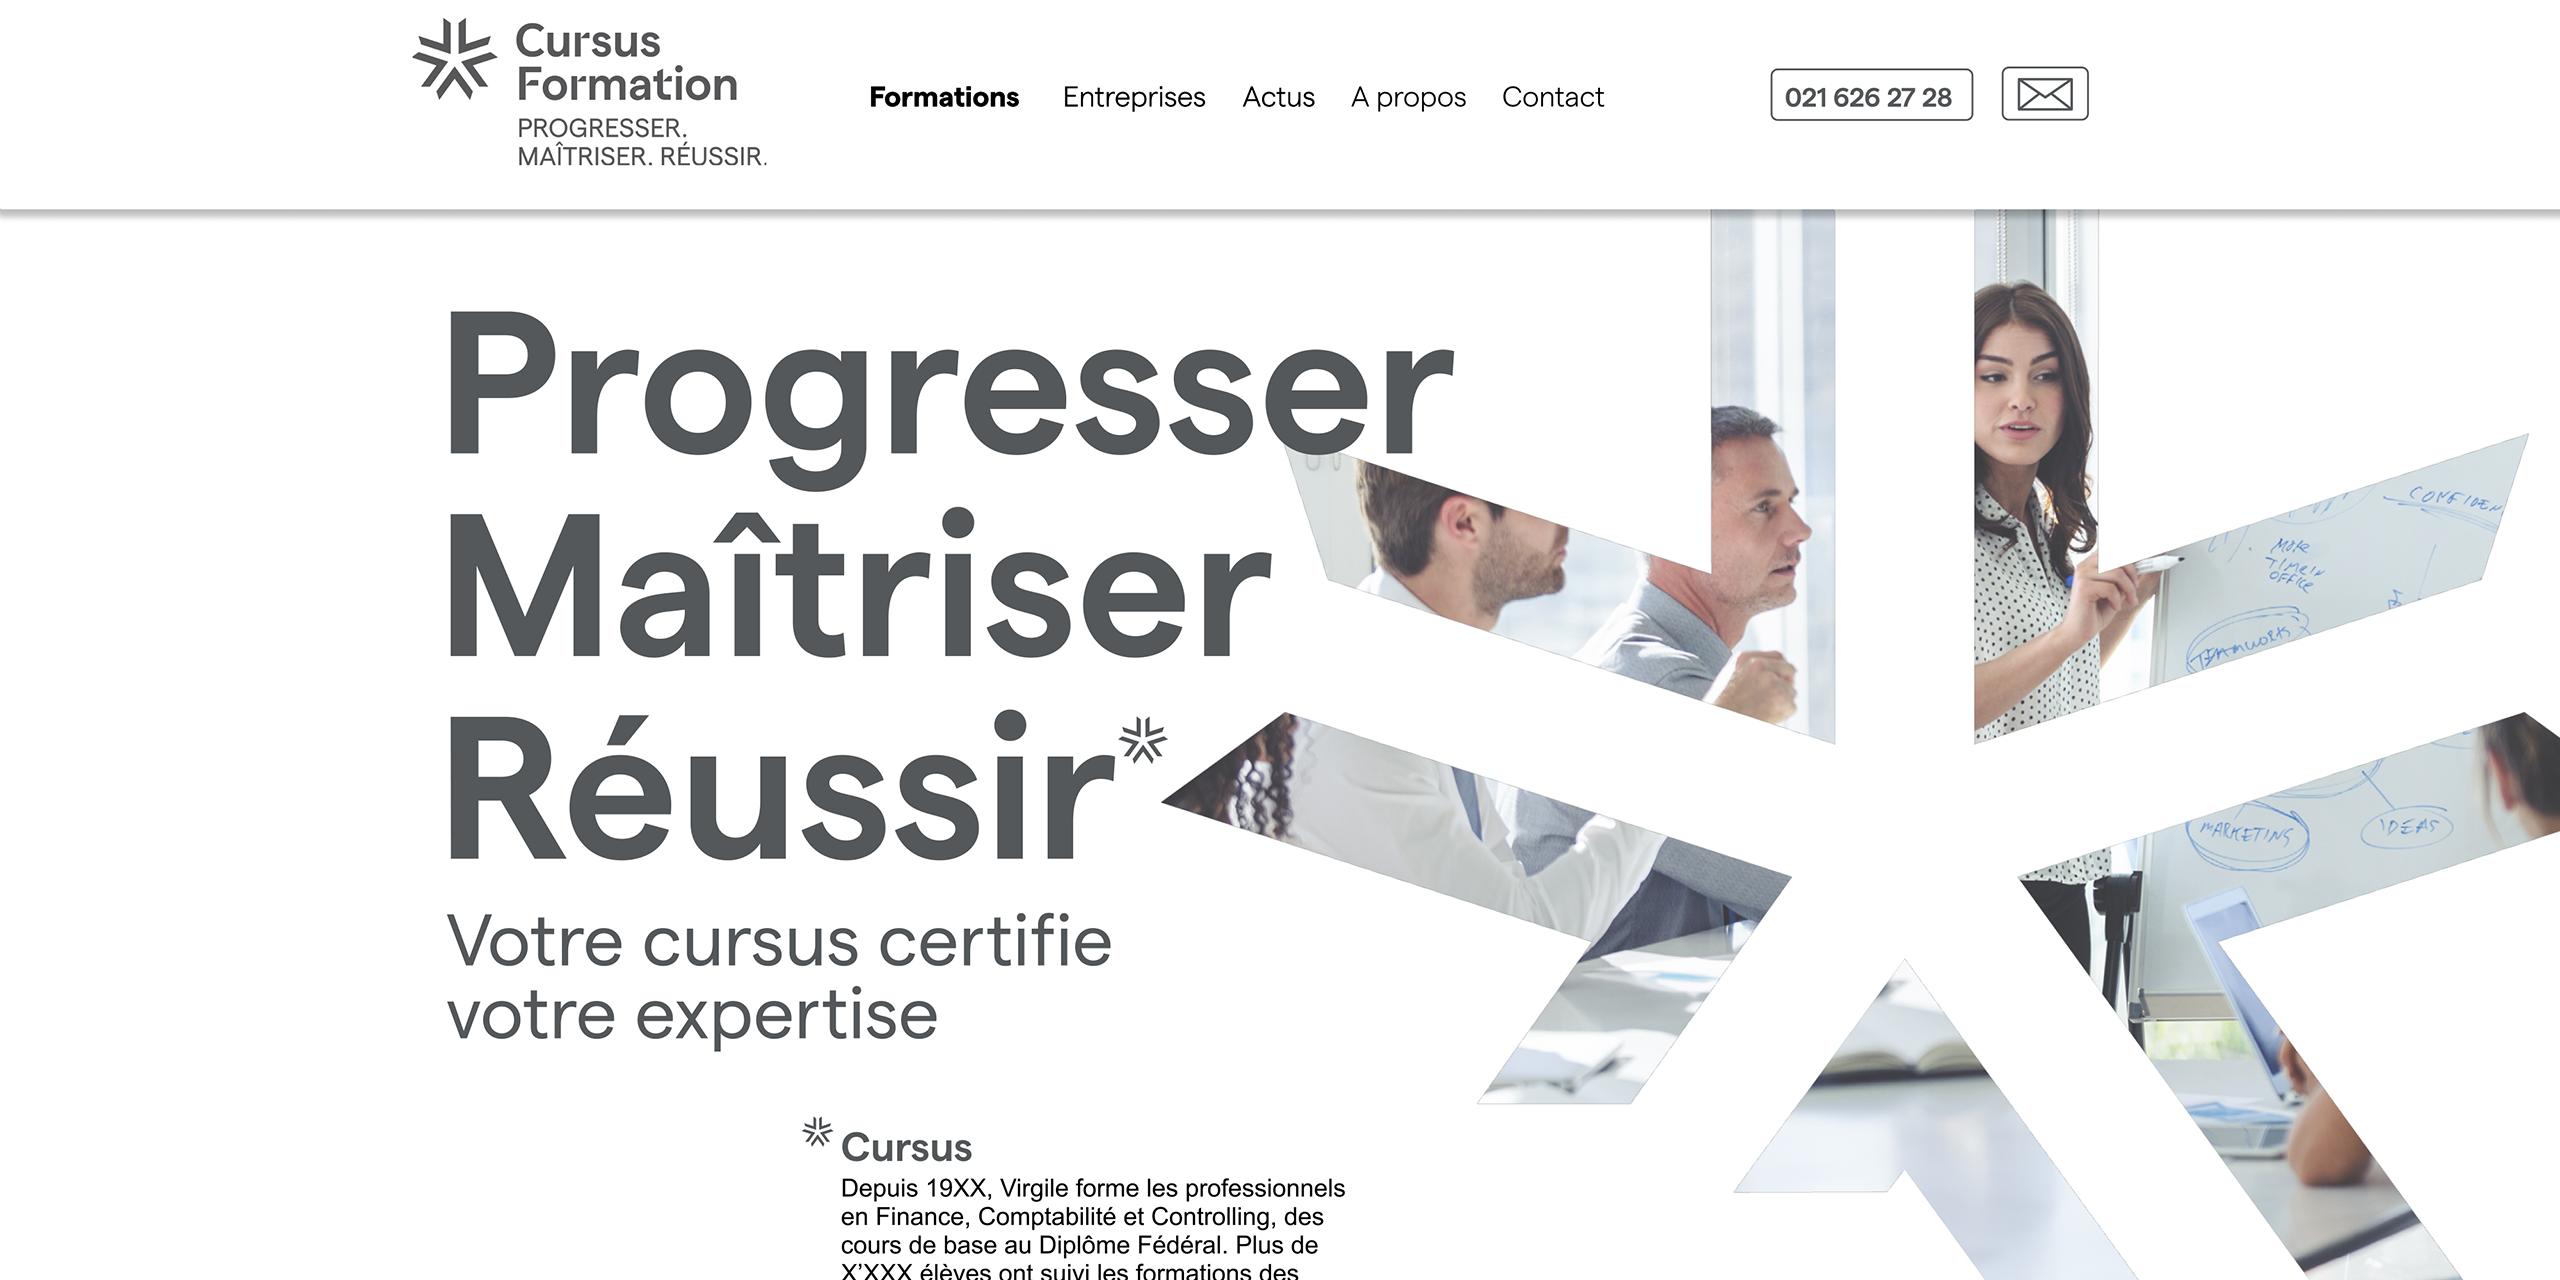 Cursus Formation - site web